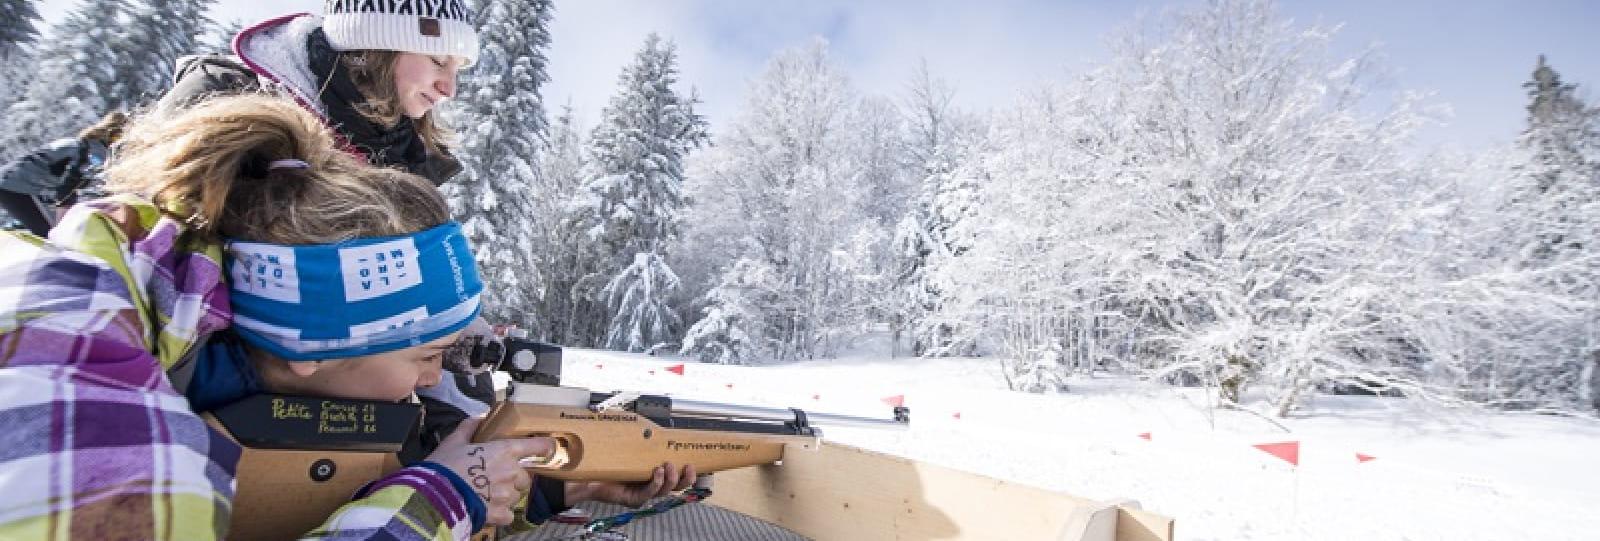 Biathlon découverte carabine 22 long rifle